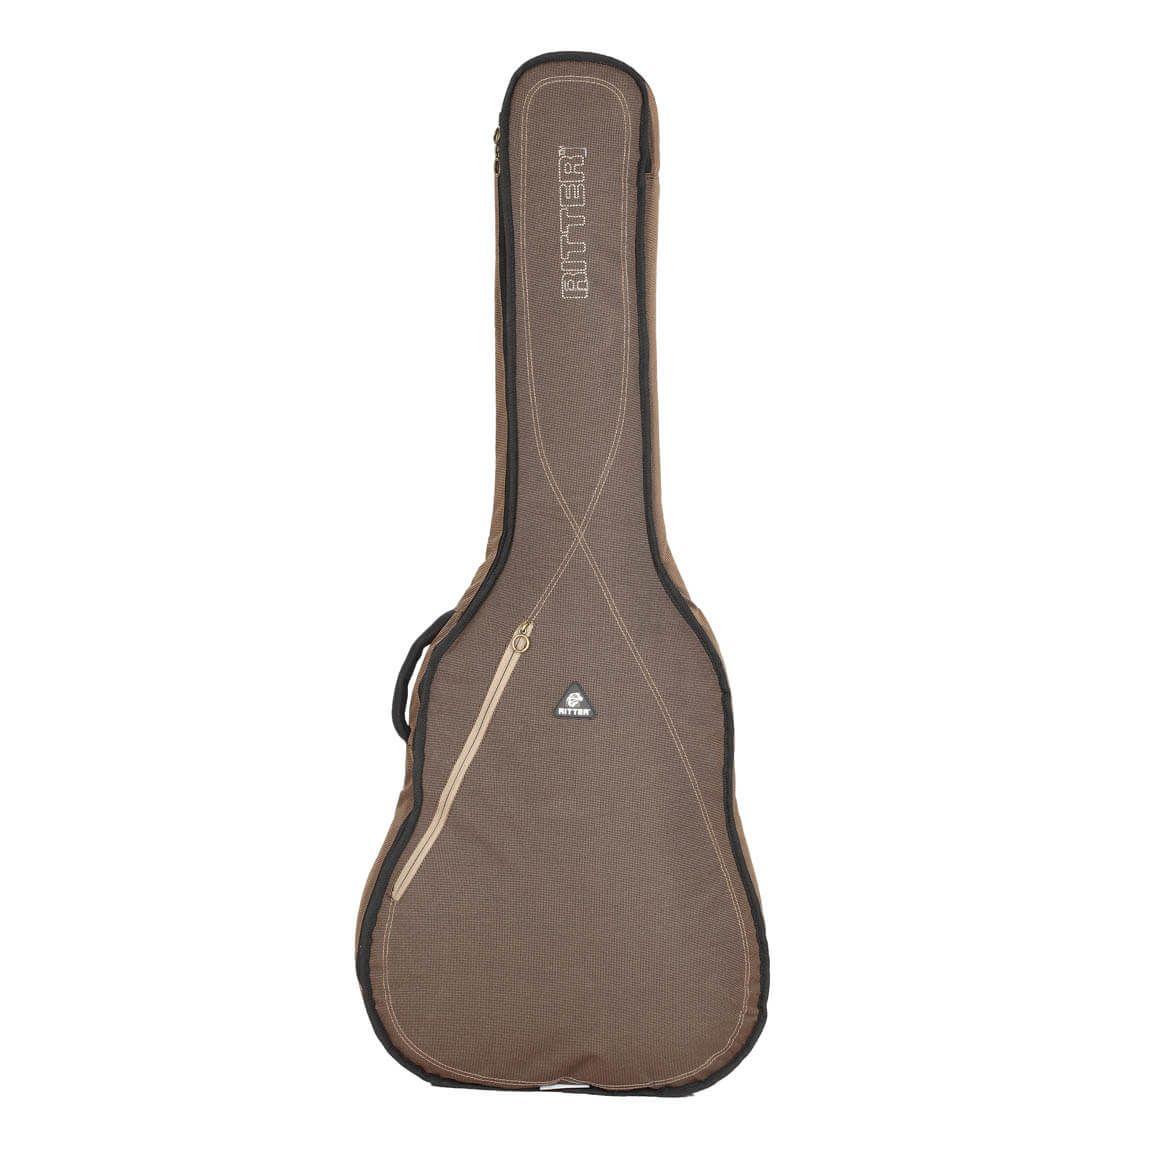 Ritter RGS3-F/BDT taske til folk guitar bison / sand thumbnail